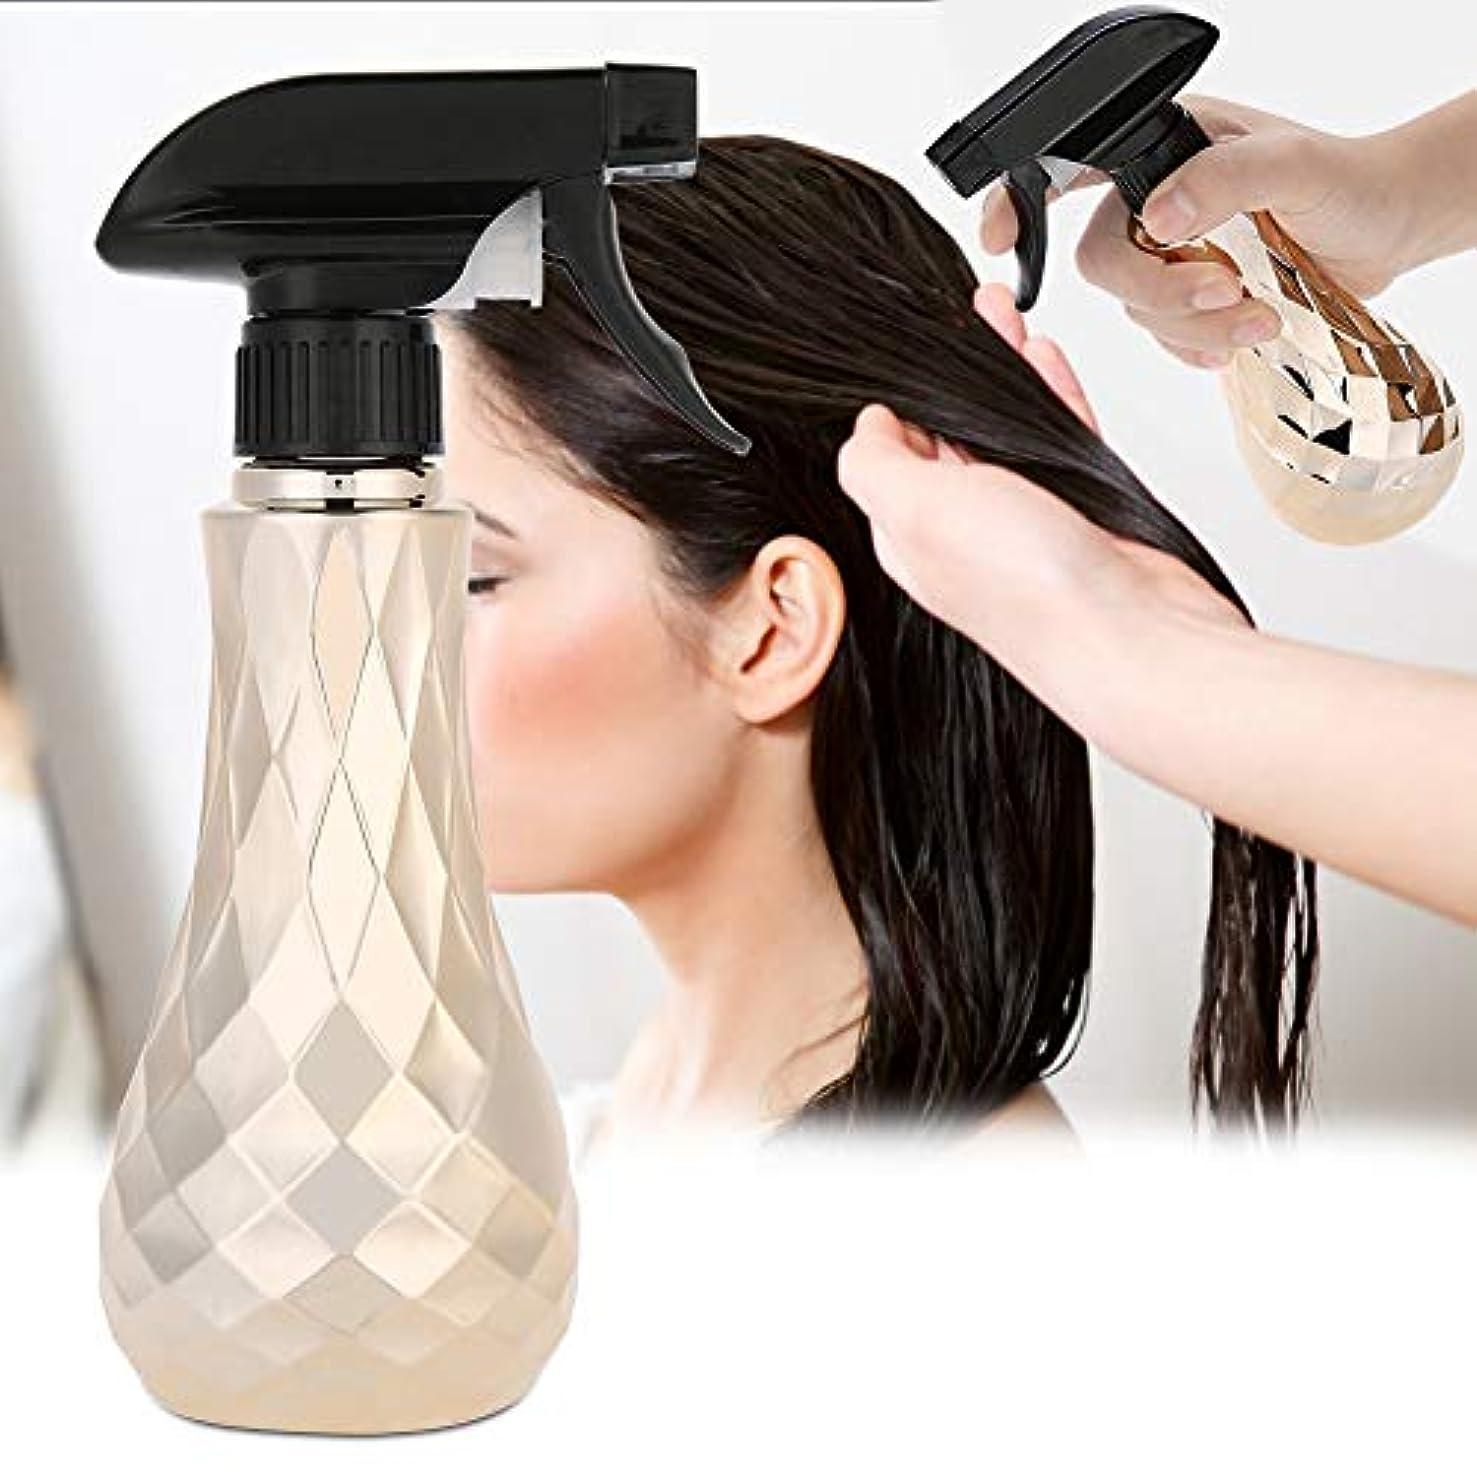 プット数学的な代わりにを立てる水スプレー空のボトル、300ミリリットル詰め替え式プラスチック理髪水スプレー理髪店スプレーボトルコンテナ植物の散水ツールとサロン理髪ヘアスタイリン(Oro)